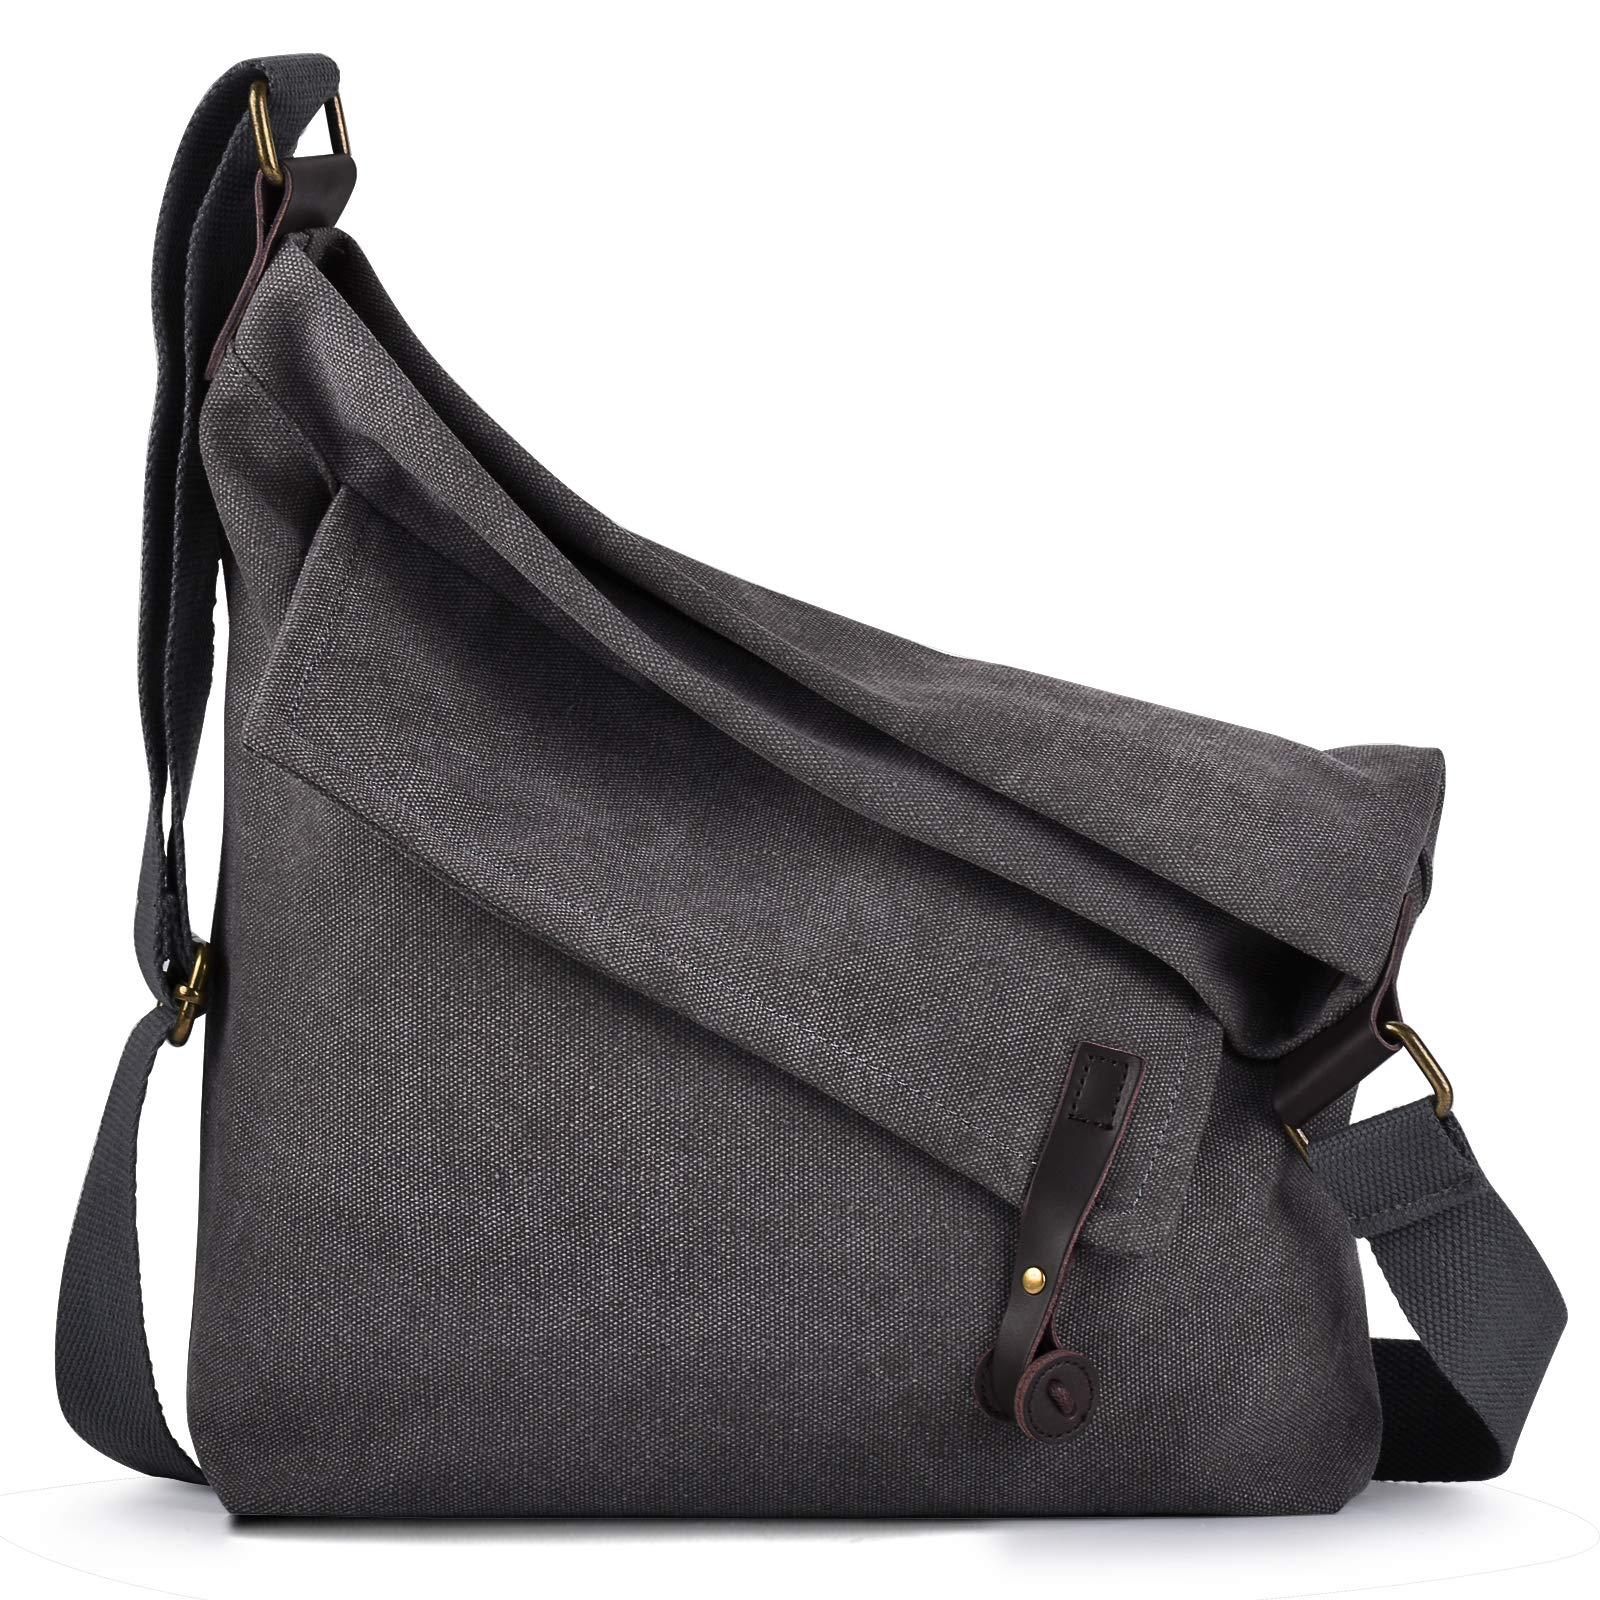 COOFIT Canvas Bag for Women Crossbody Bag Messenger Bag Shoulder Bag Hobo Bag Unisex (Gray(Thick shoulder strap))